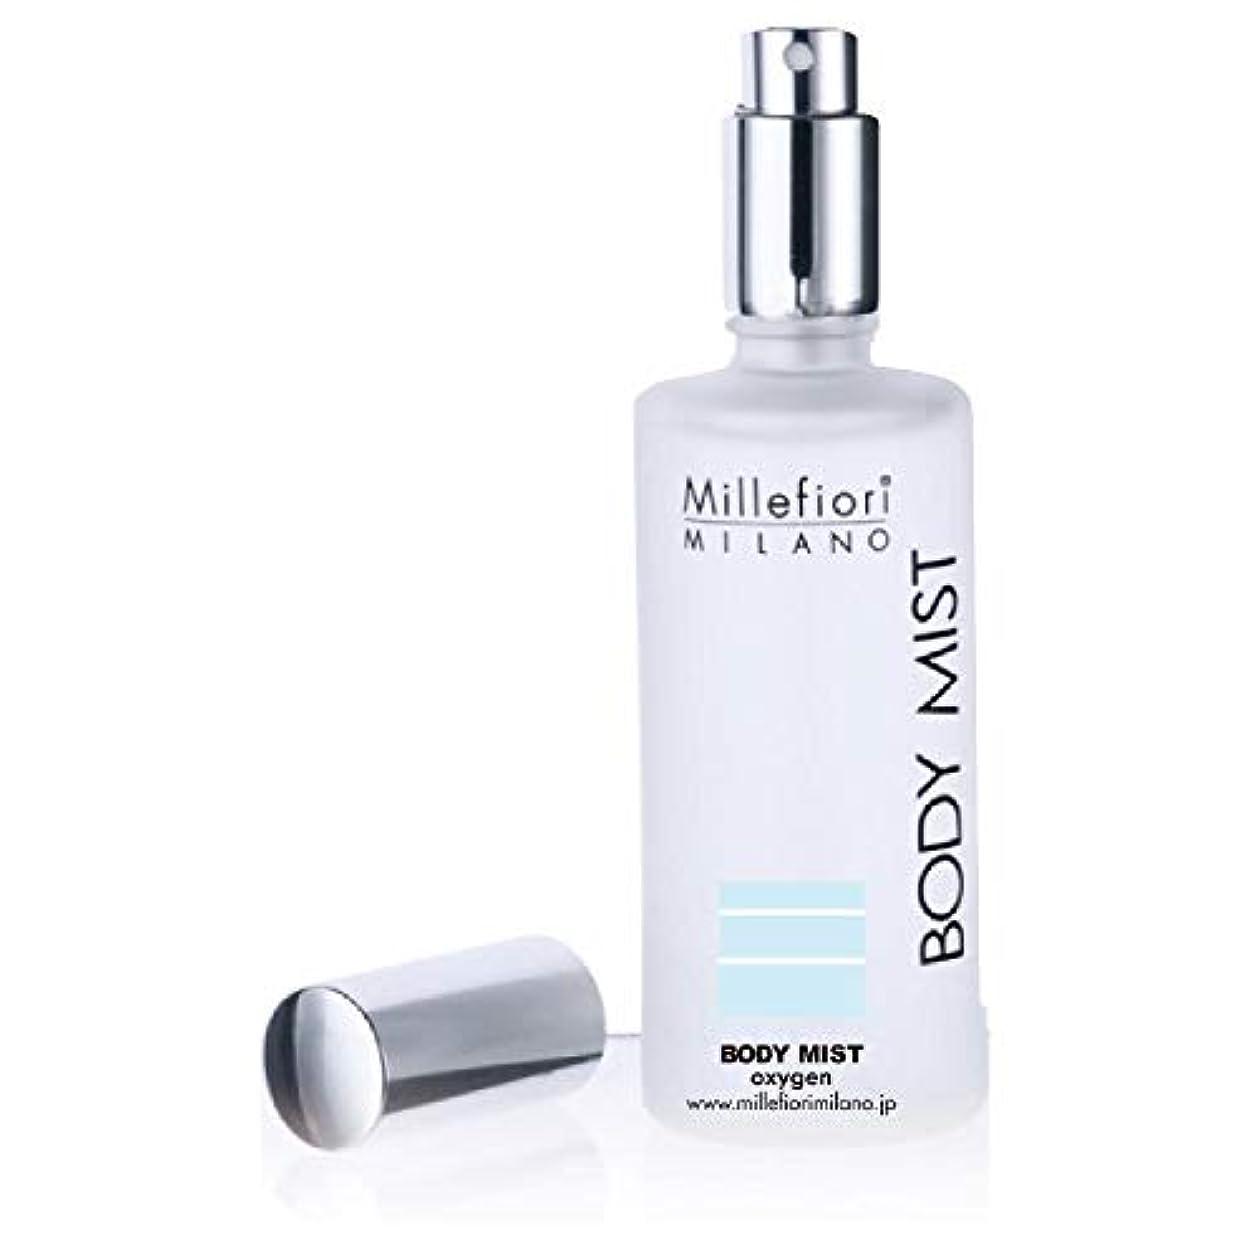 嵐の媒染剤稼ぐMillefiori ボディミスト 100ml [ZONA] オキシゲン BM-10-308